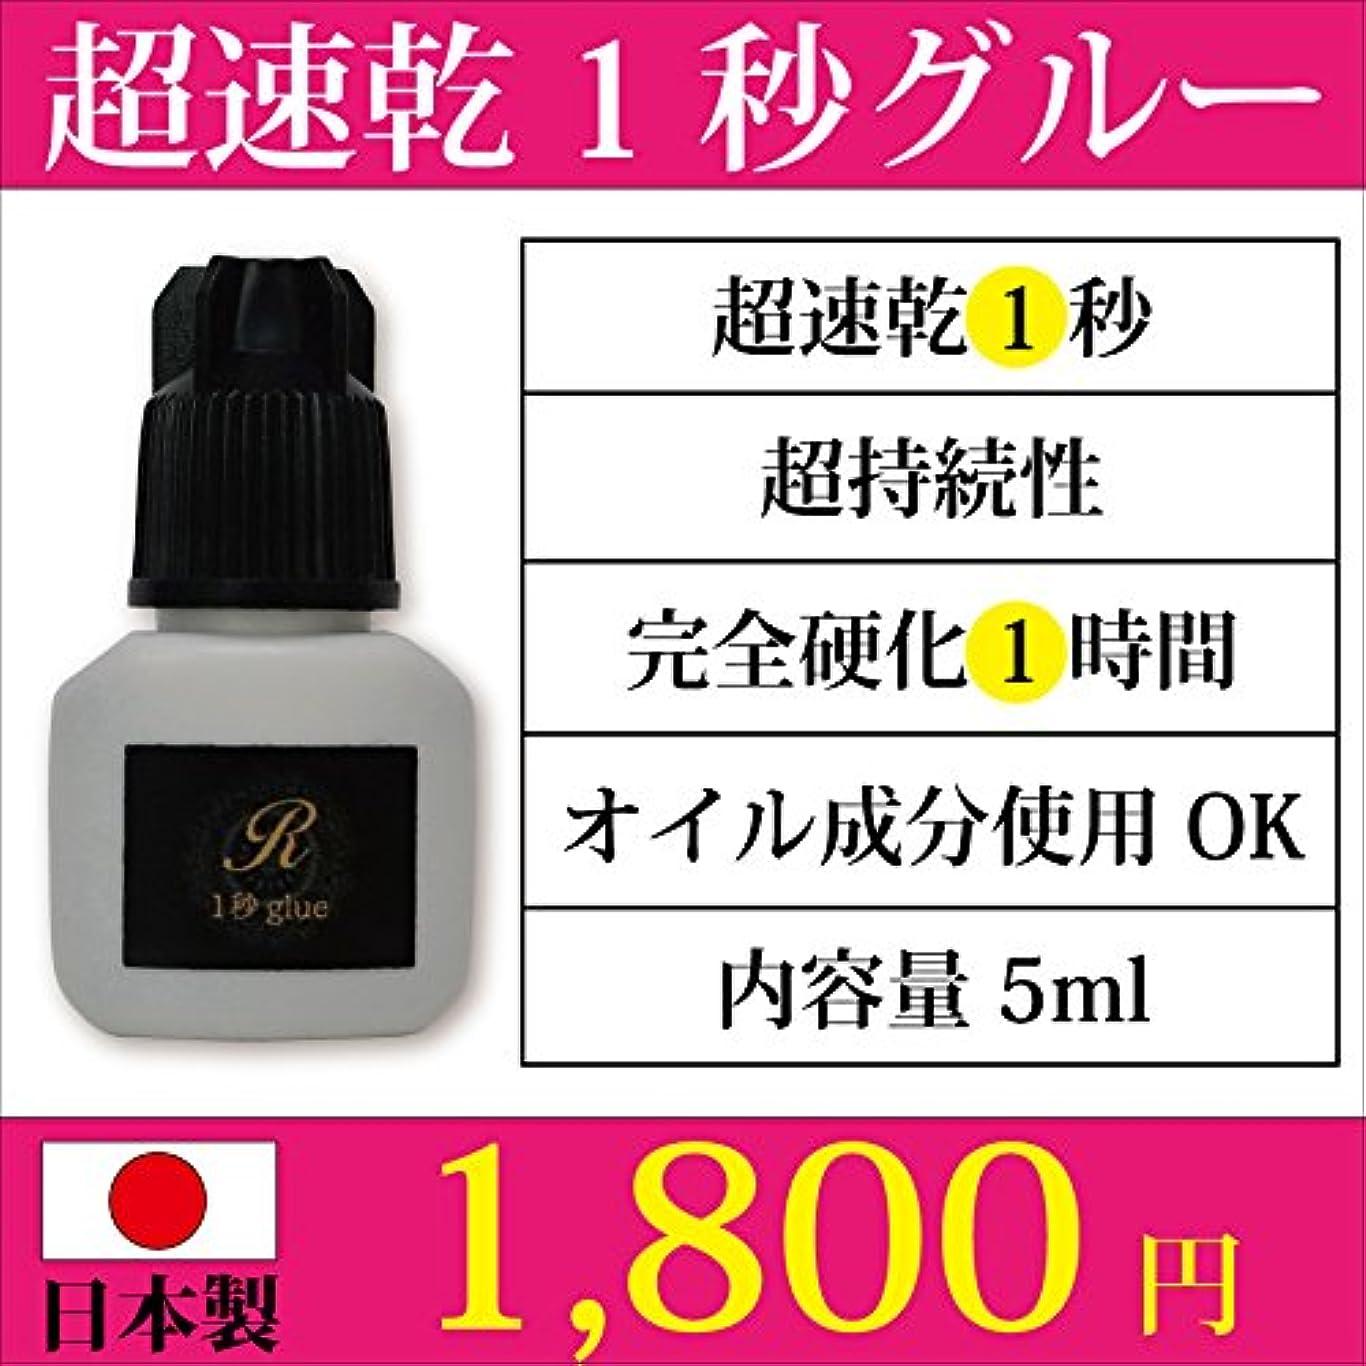 あからさま恐怖症前者日本製まつげエクステ超吸着1秒グルー 5ml【超速乾】【まつげエクステ】